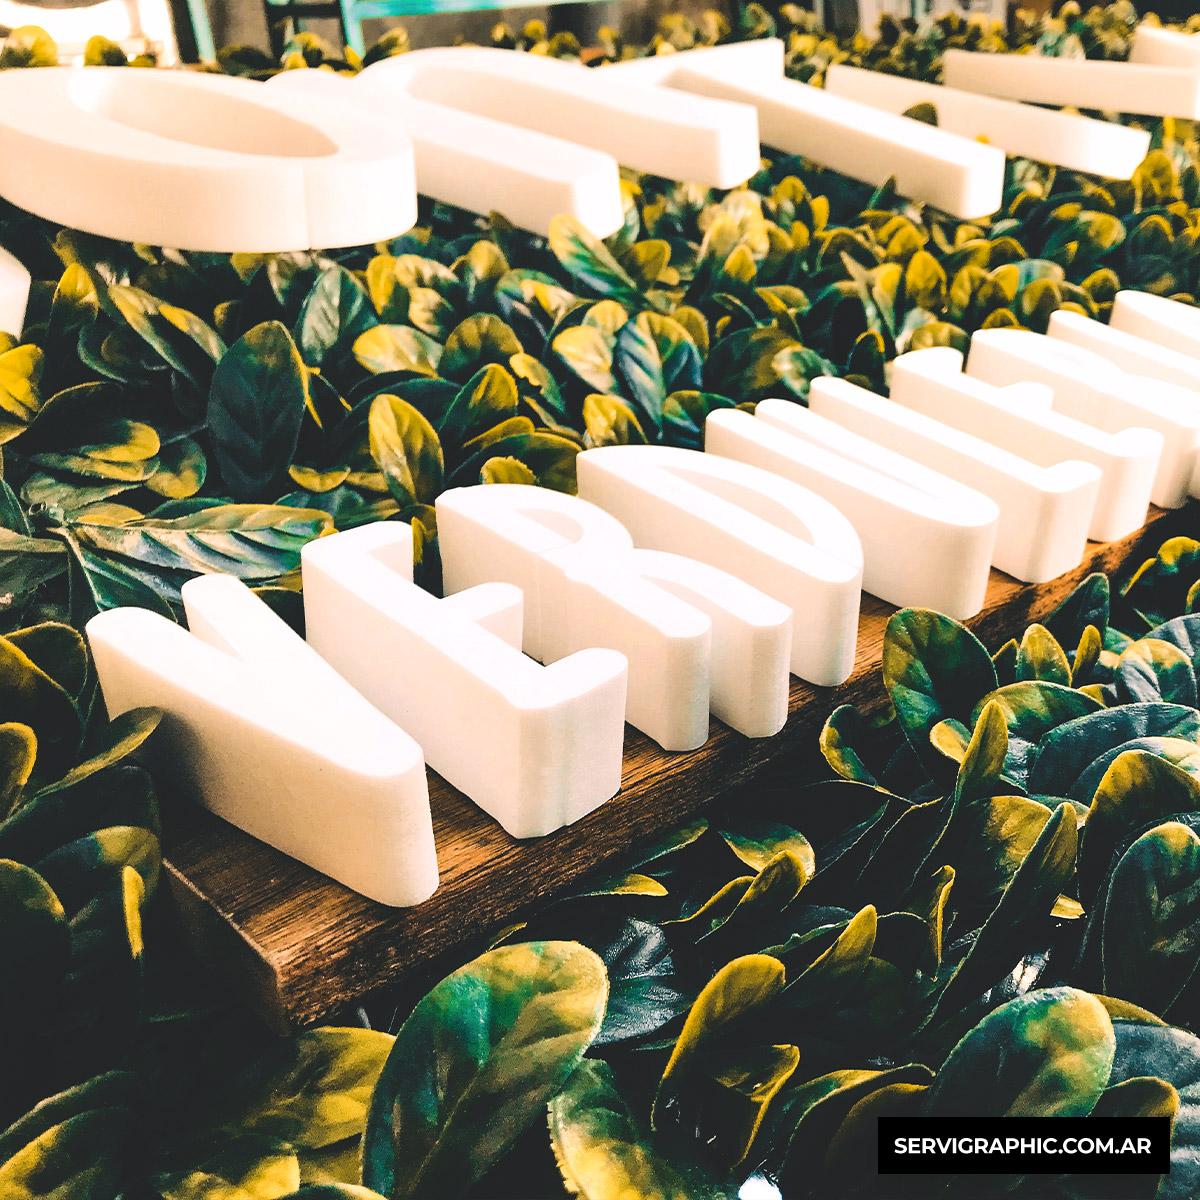 Letras con jardín vertical artificial premium y deck de madera.